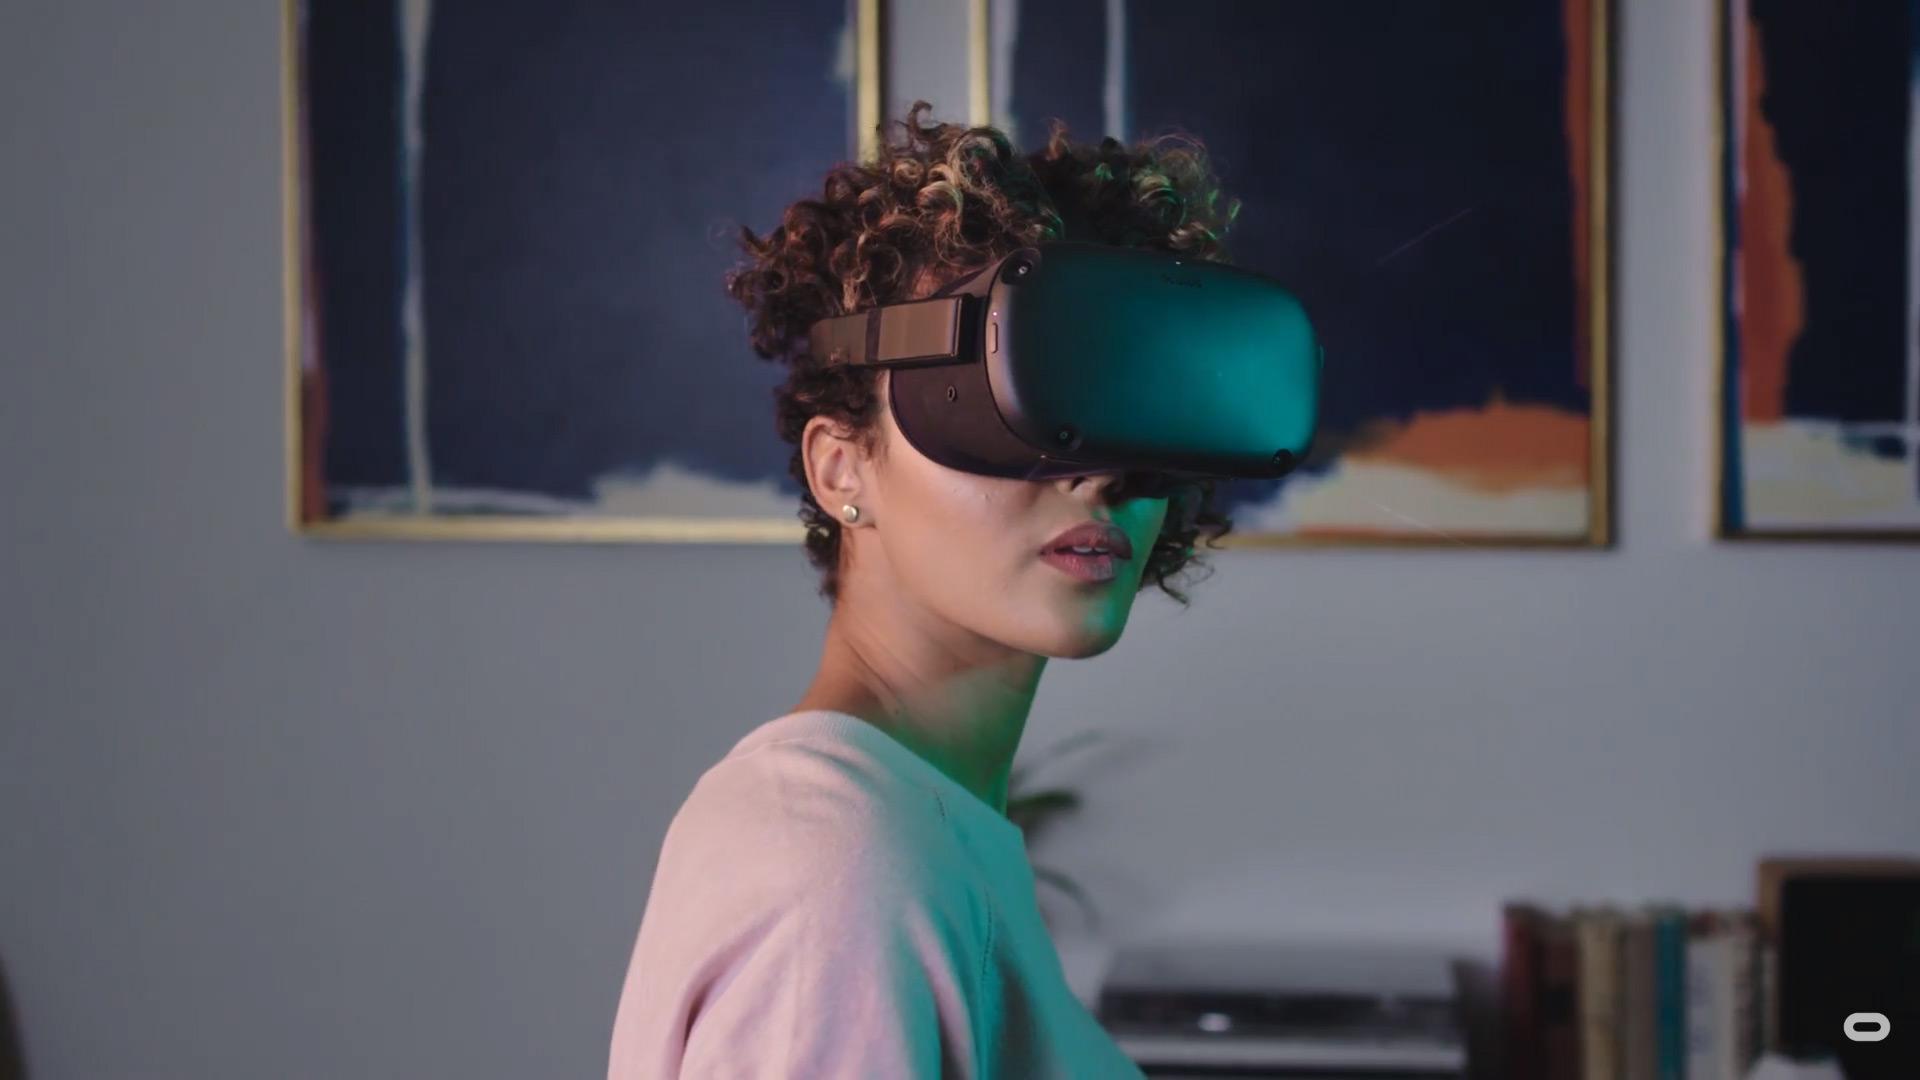 Annonce d'un nouveau casque VR - l'Oculus Quest - Oculus KeyNote